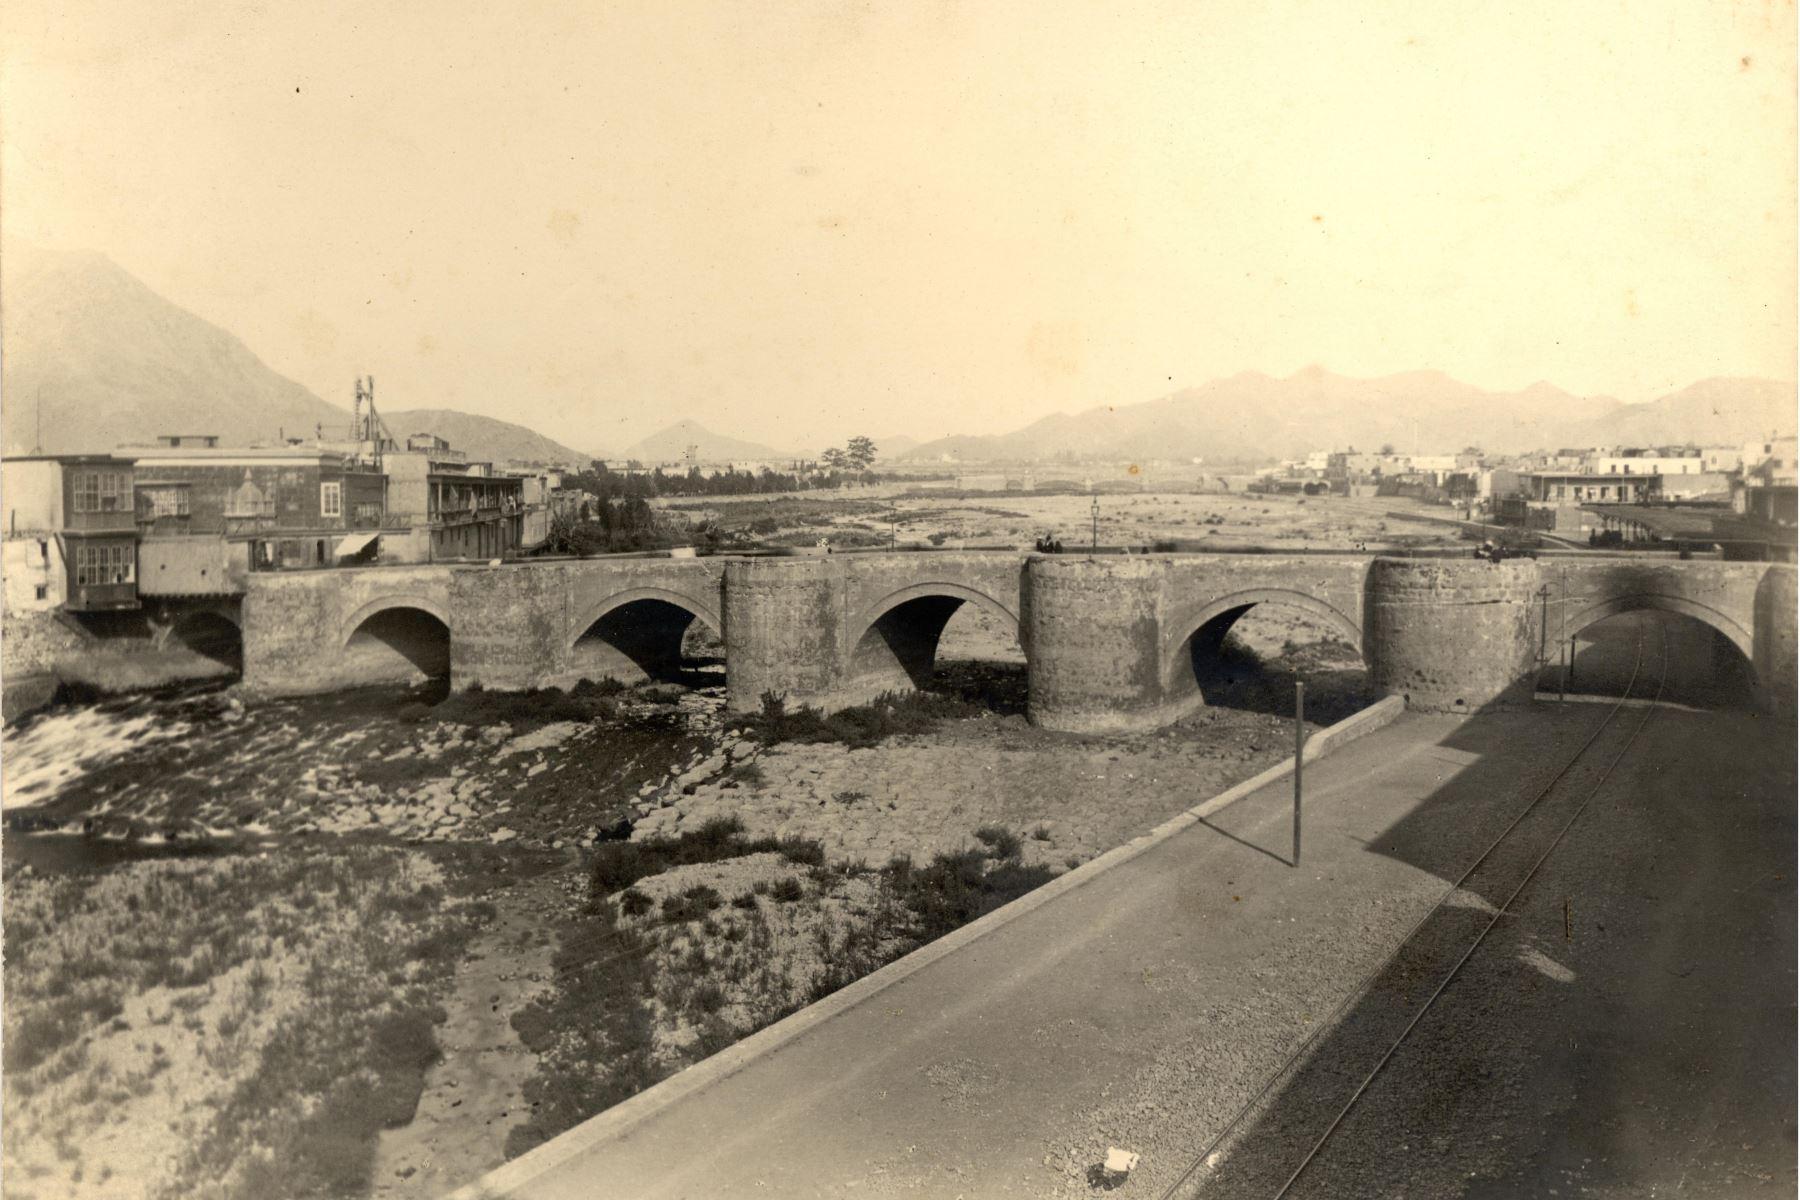 Puente de Piedra, hoy Puente Trujillo. Hasta 1861 fue el único puente que cruzaba el Río Rímac Foto: ANDINA/archivo